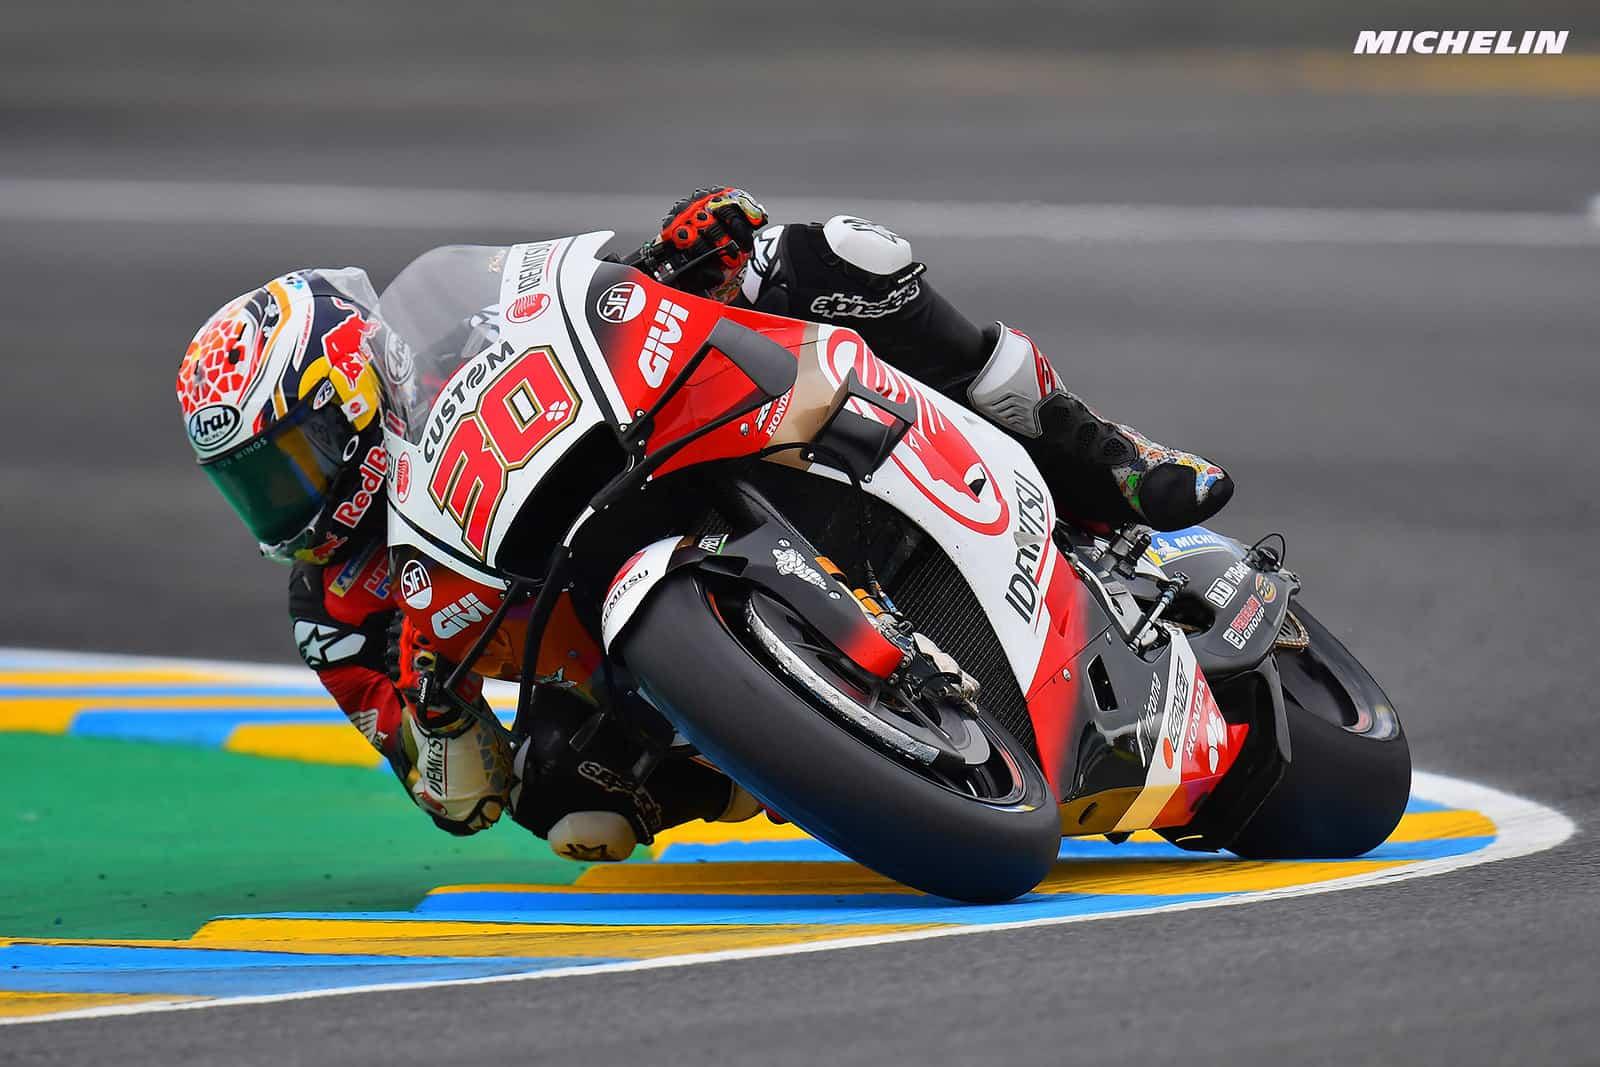 フランスGP 7位中上 貴晶「重要なのは難しいレースを完走したこと」